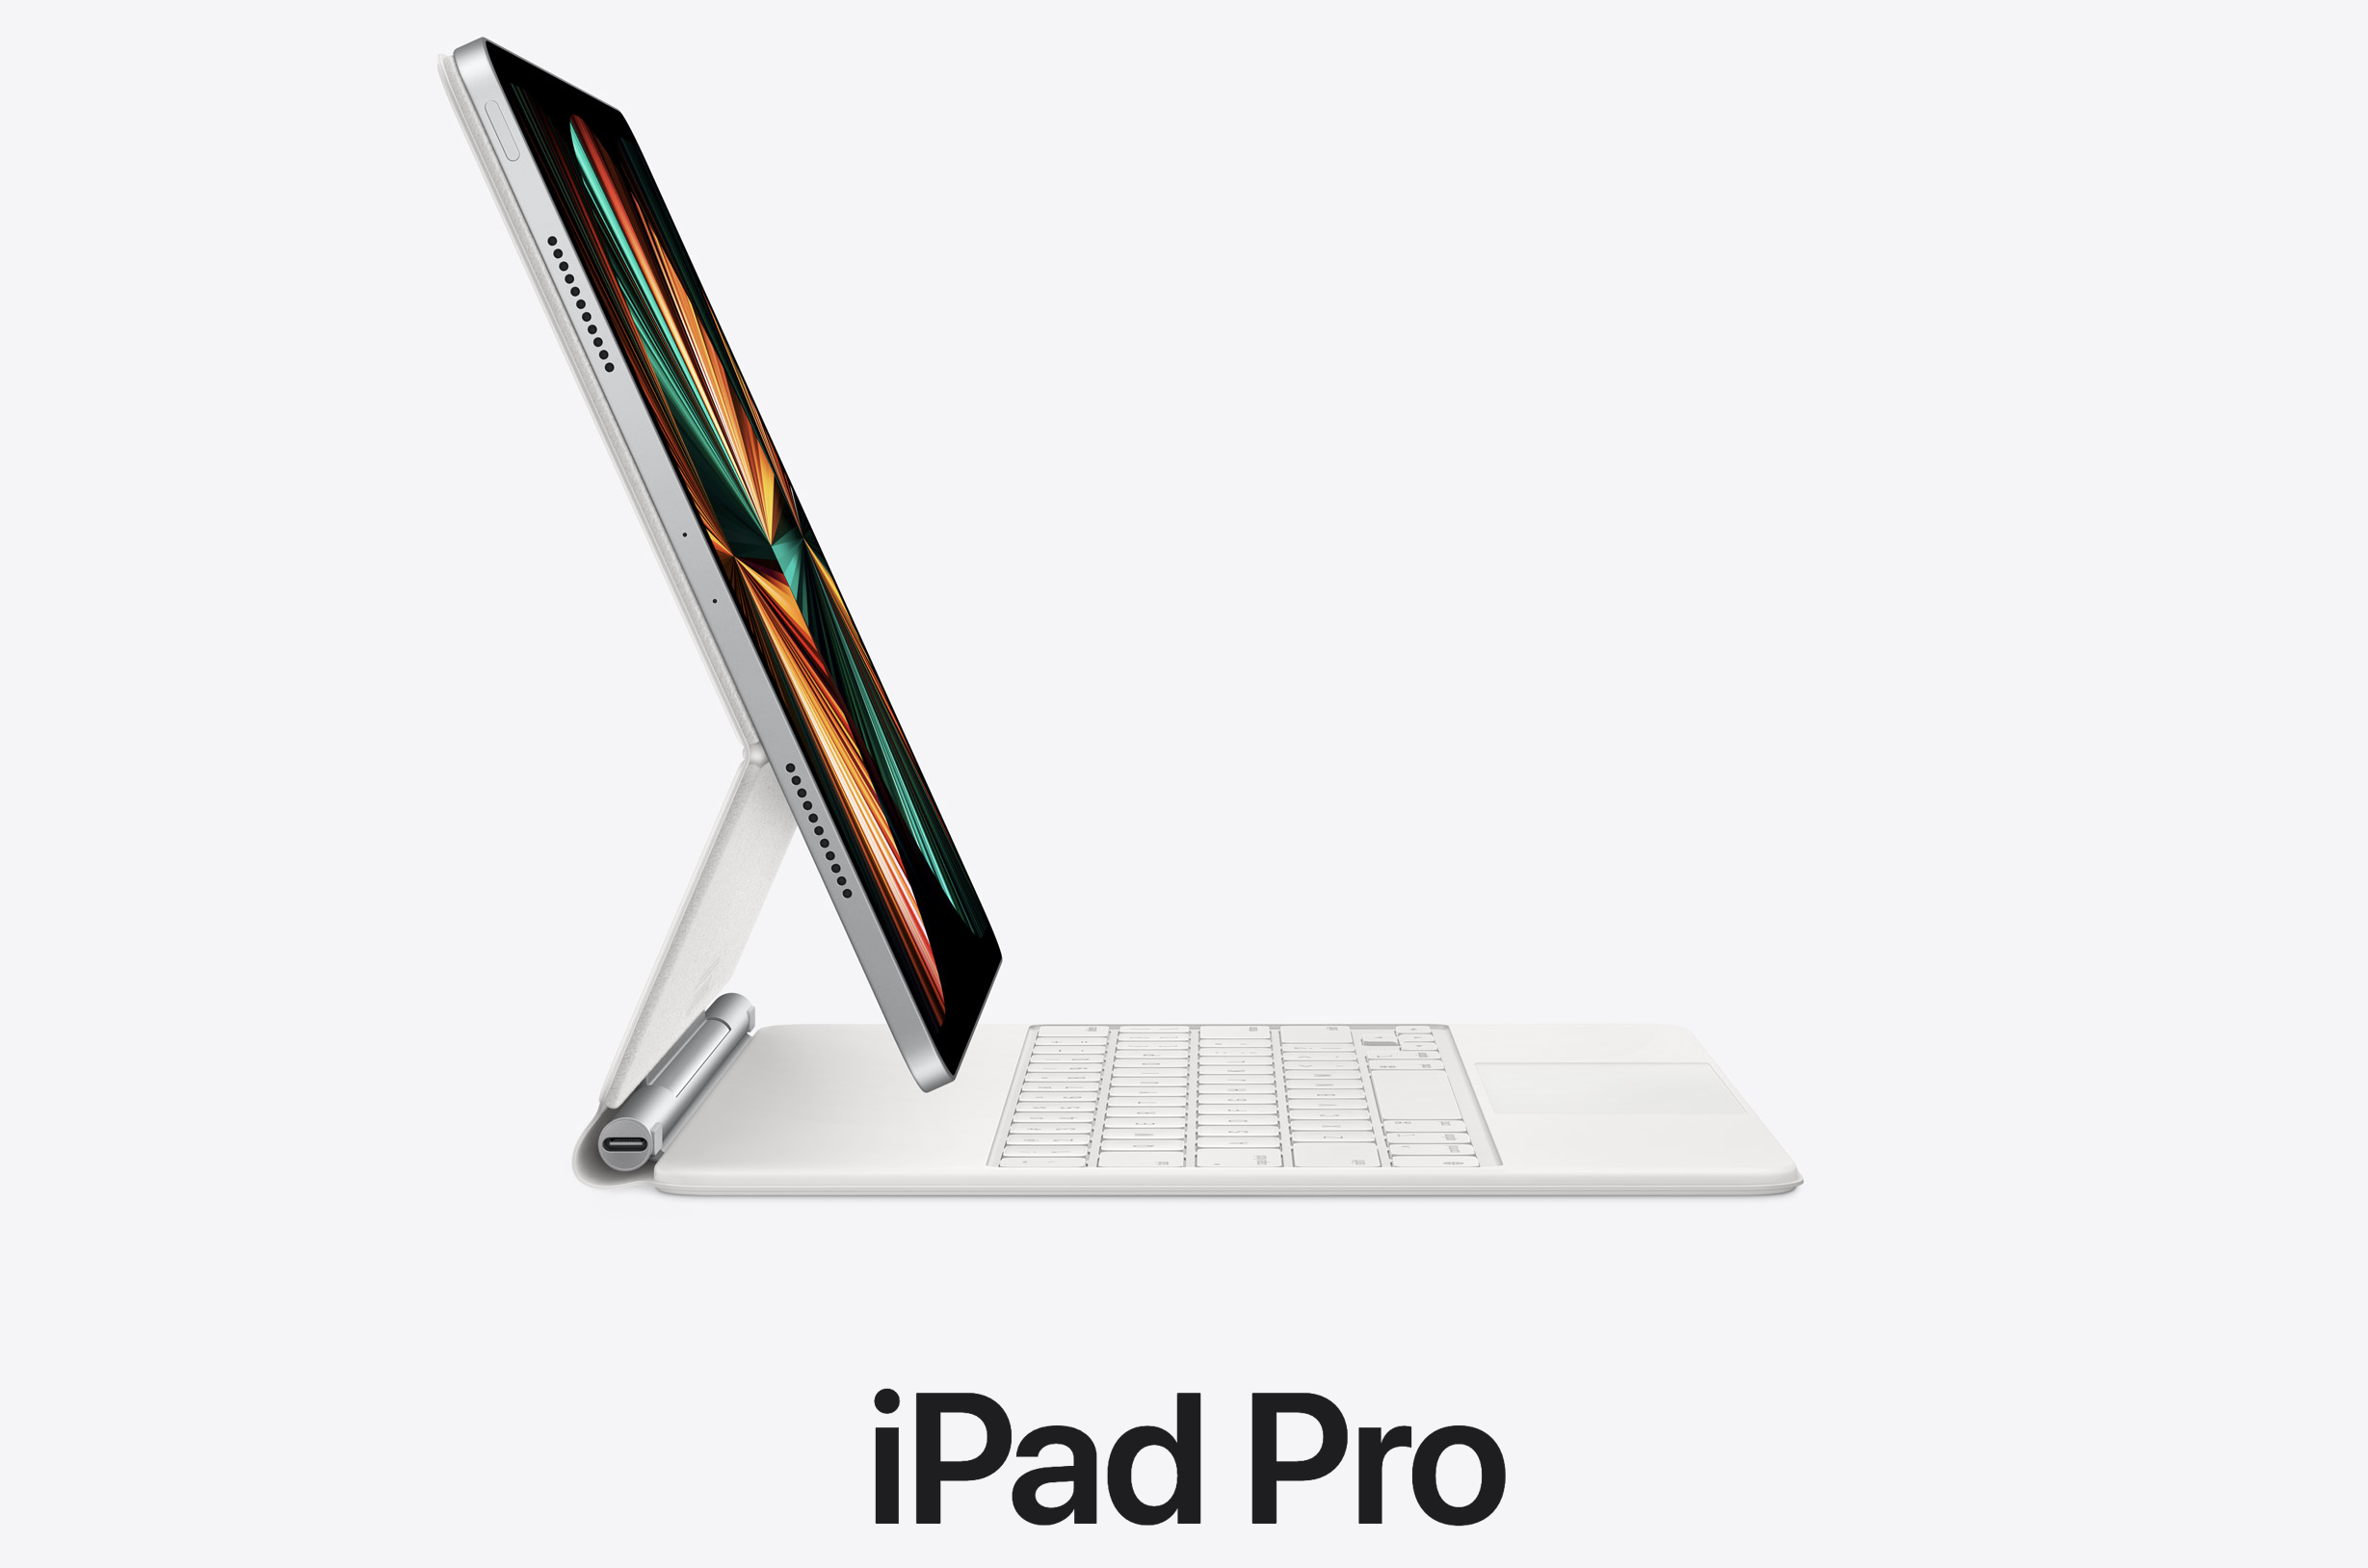 2021年新型iPad Pro発売日は5月21日!どっちを買うべきか悩んだ結論はこれ